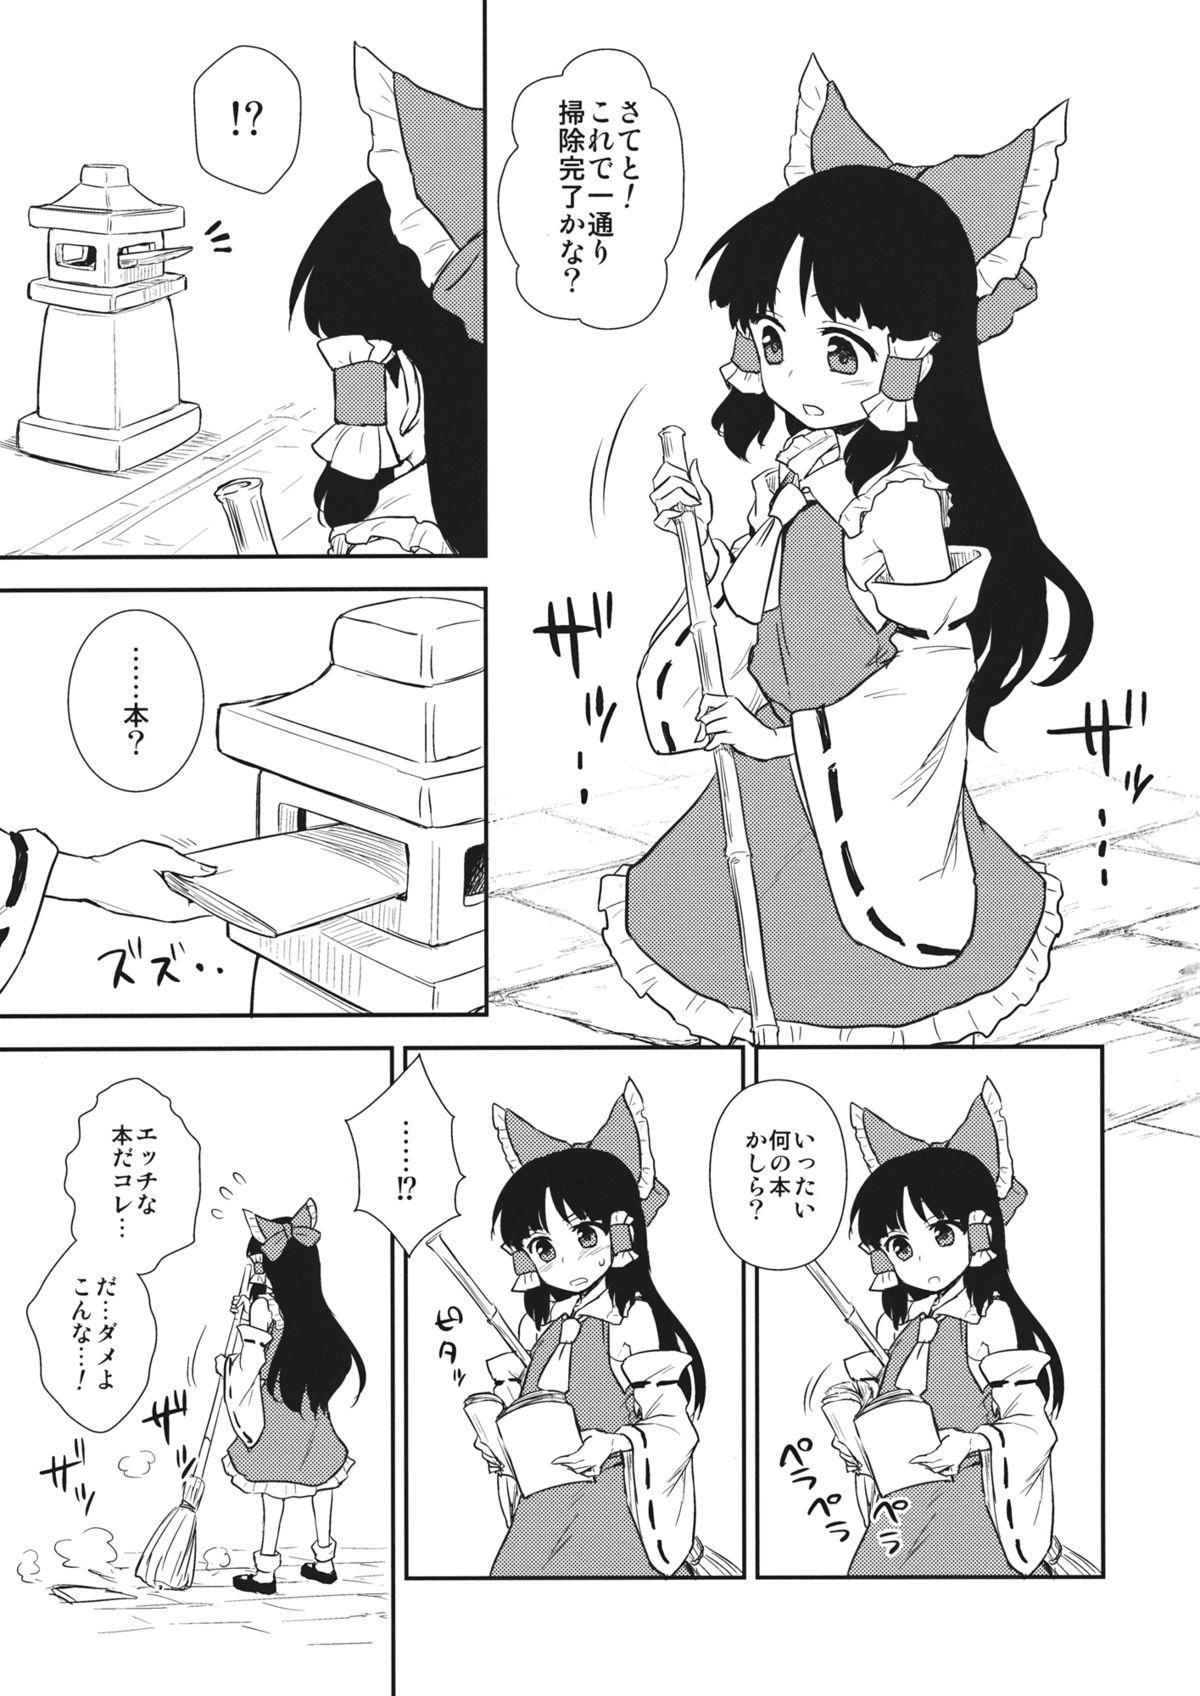 Otoshigoro no Reimu-san 1